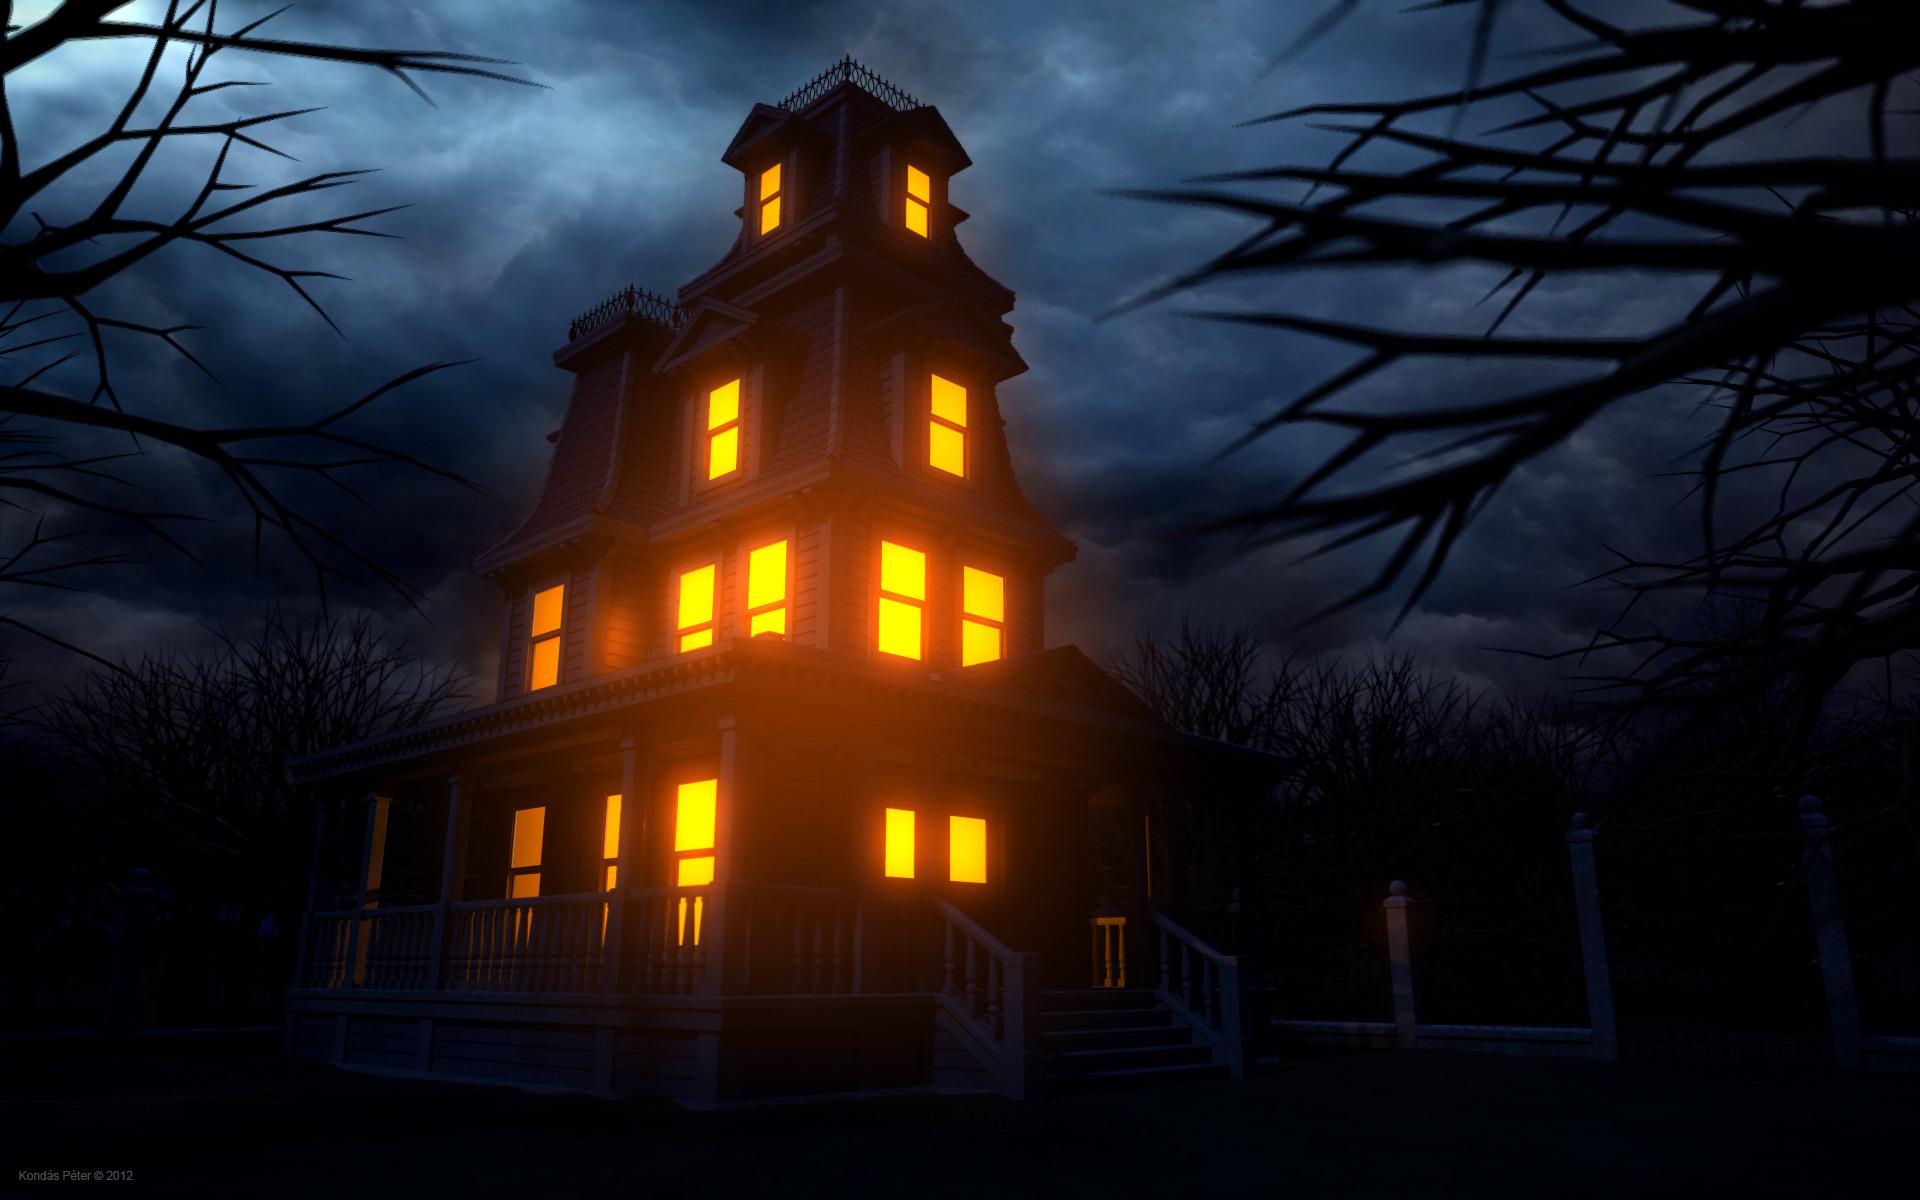 Beautiful Wallpaper Halloween Light - 92c86bbd21a2e5a5e26607b8245224bc  Image_218299.jpg